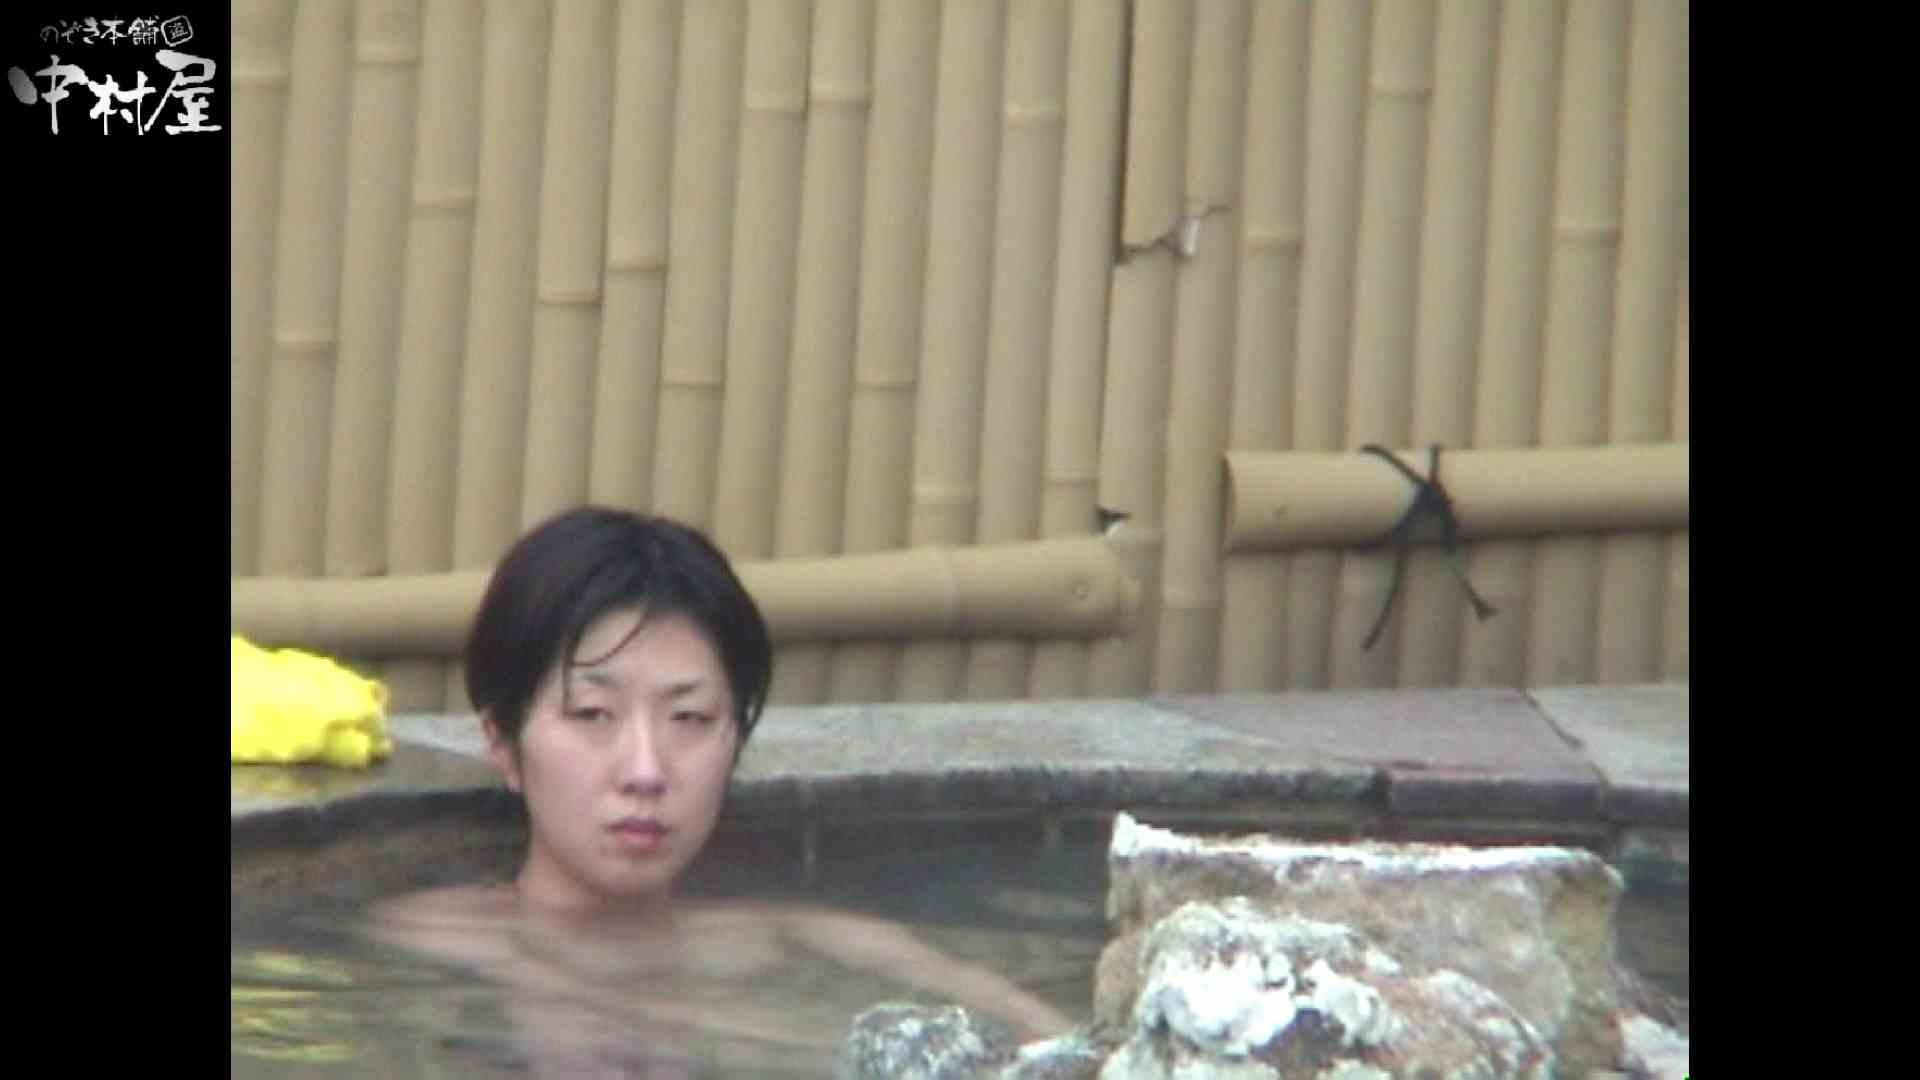 Aquaな露天風呂Vol.921 盗撮特集 | 露天  93画像 57